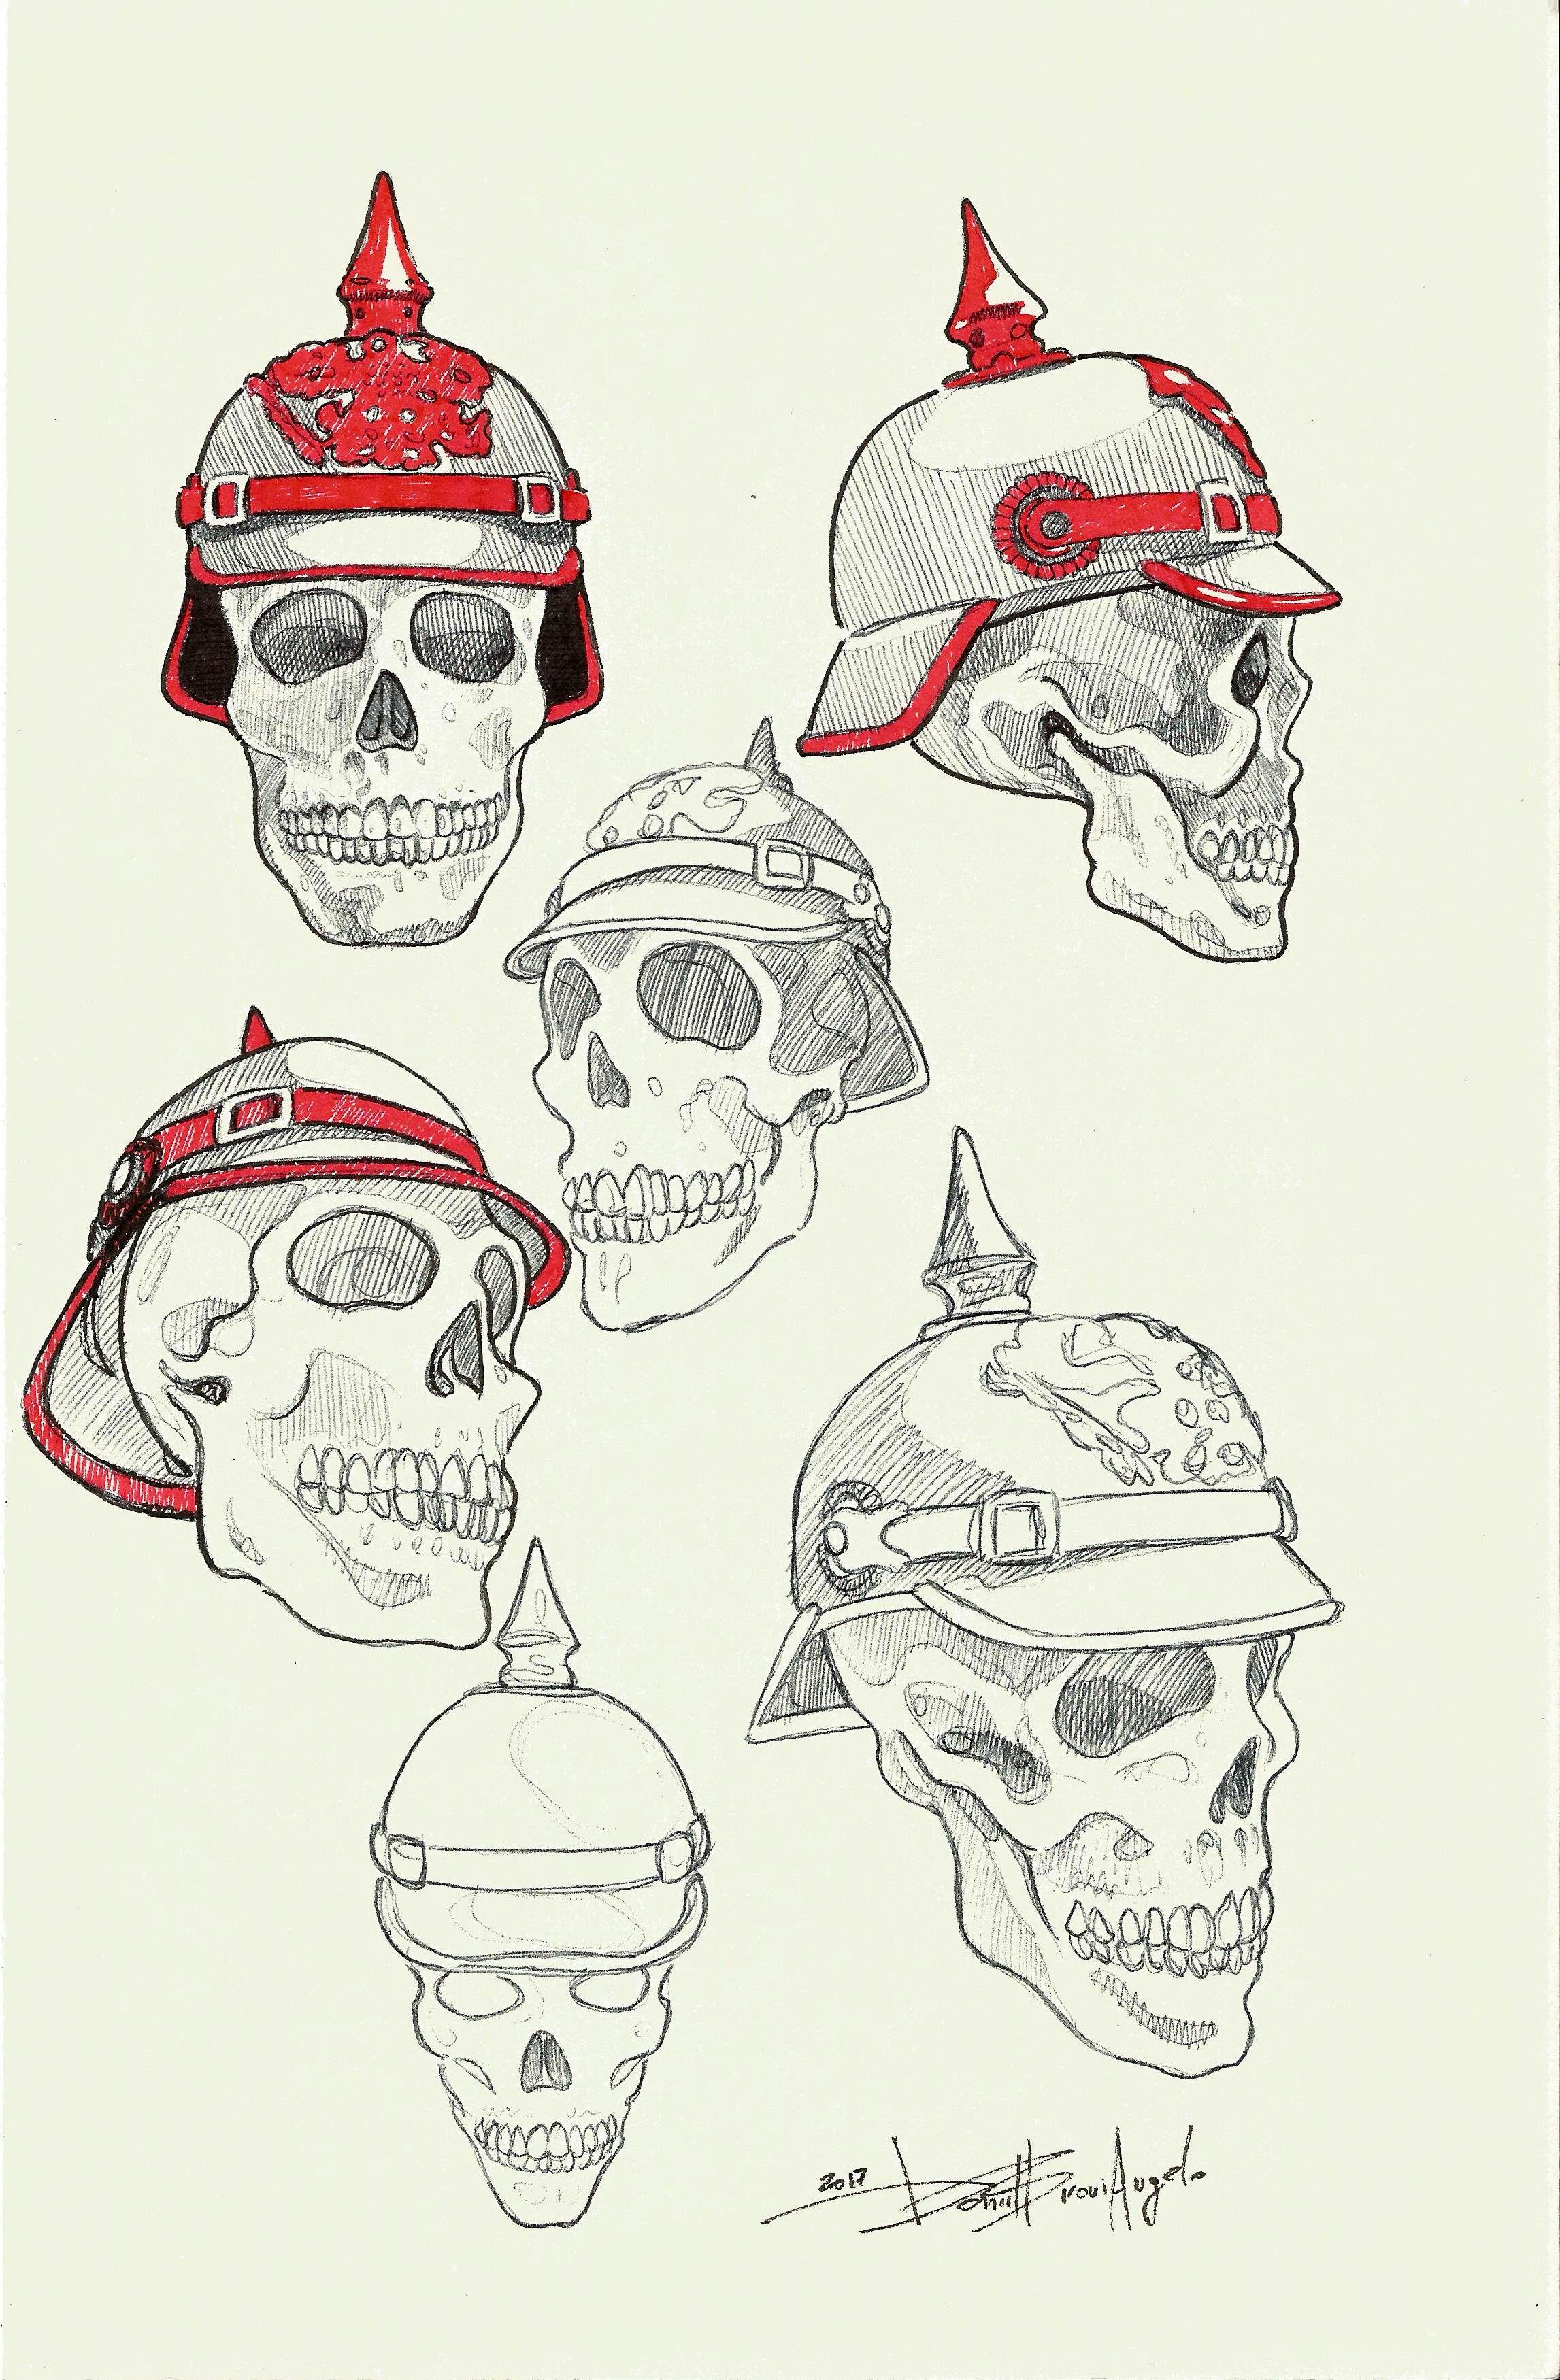 10 Stampa E Colora Disegni soldati Militari | Migliori ...